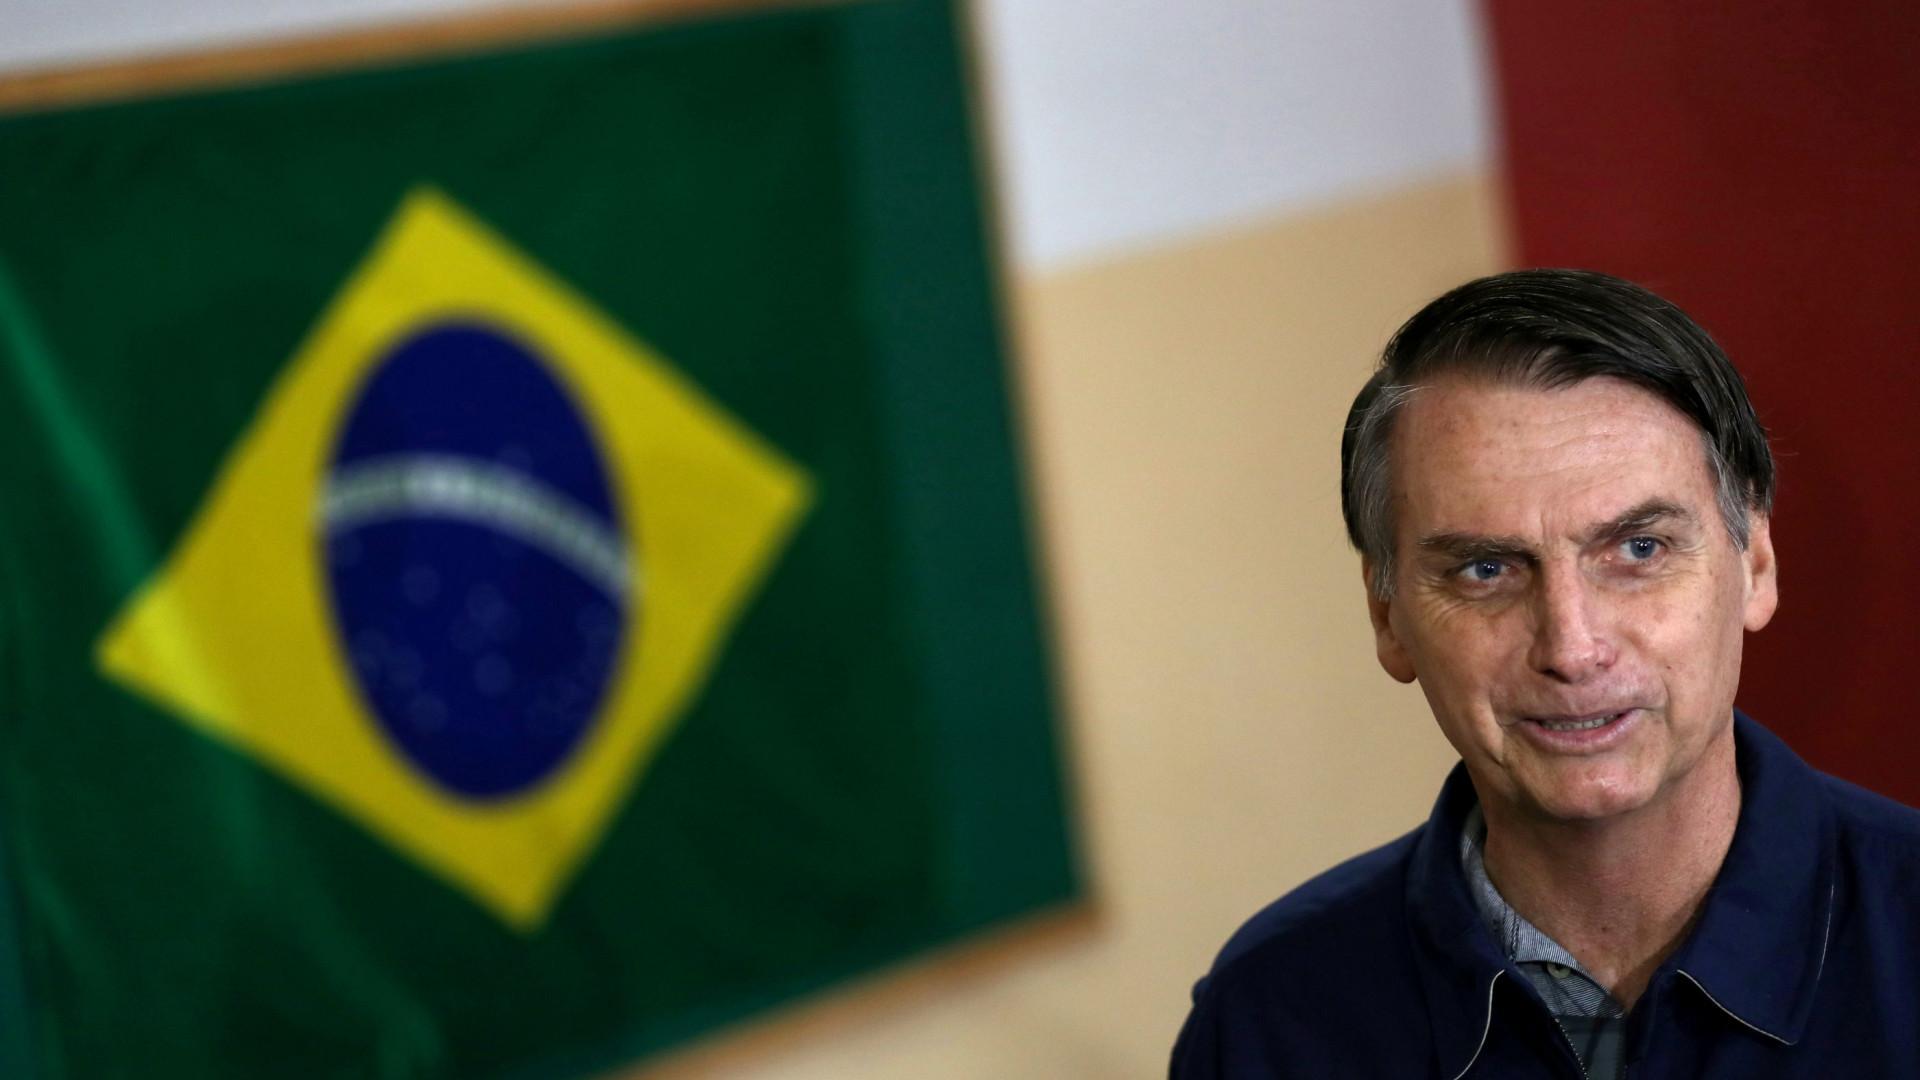 Médicos dizem que situação clínica permite que Bolsonaro entre em debates